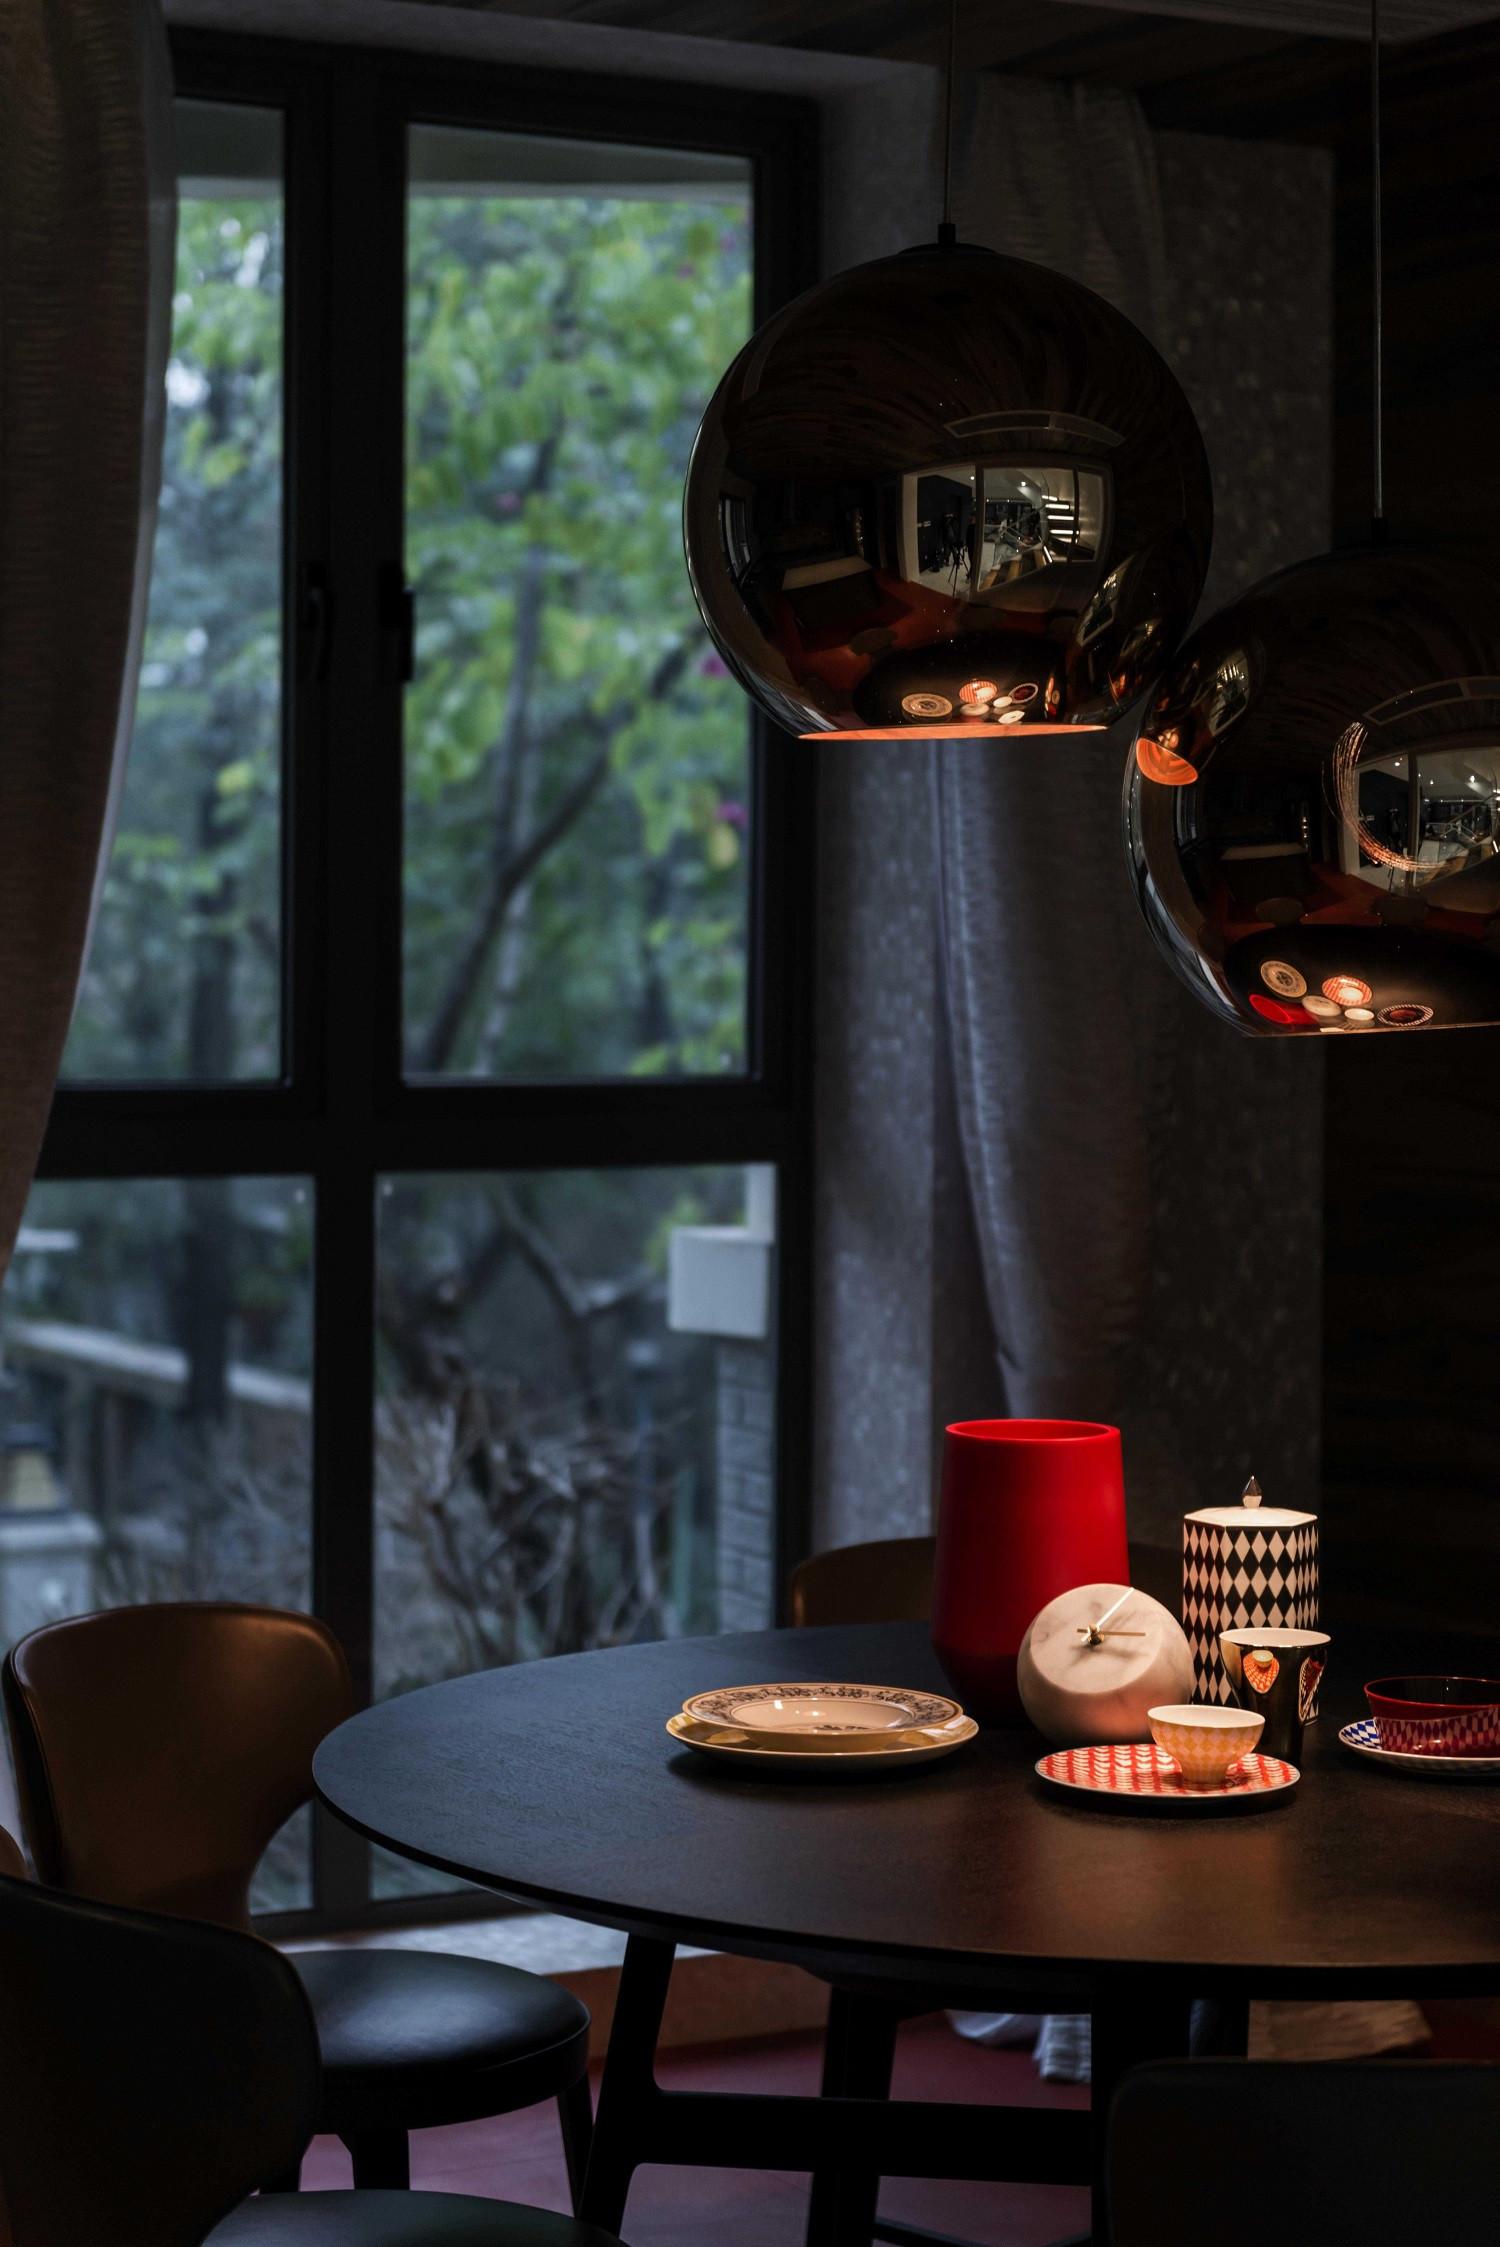 现代别墅装修餐桌图片